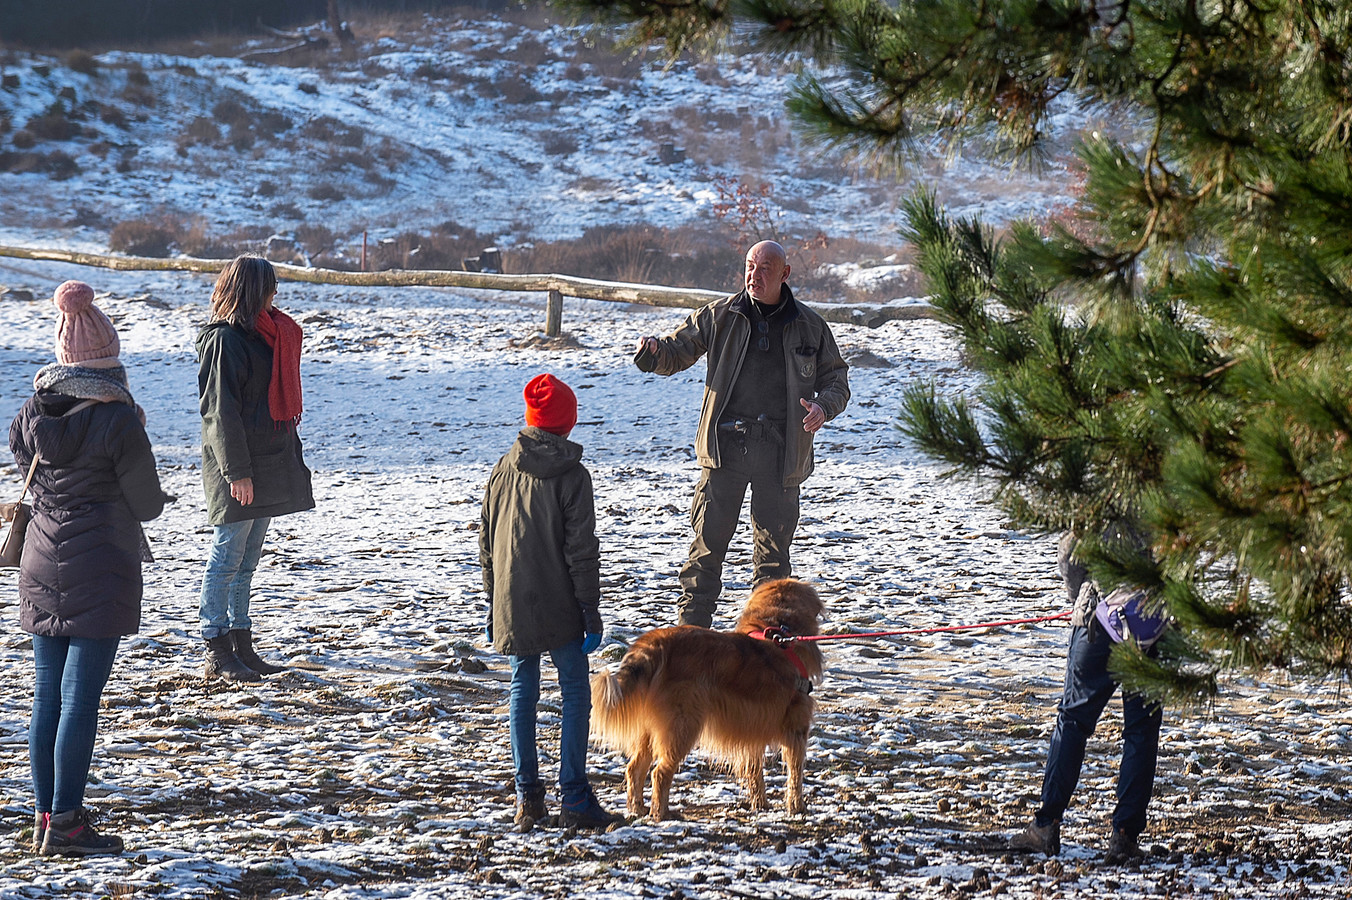 Groene boa Philip Oprel spreekt dit groepje aan. Ze liepen met hun hond onaangelijnd dwars door beschermd natuurgebied.